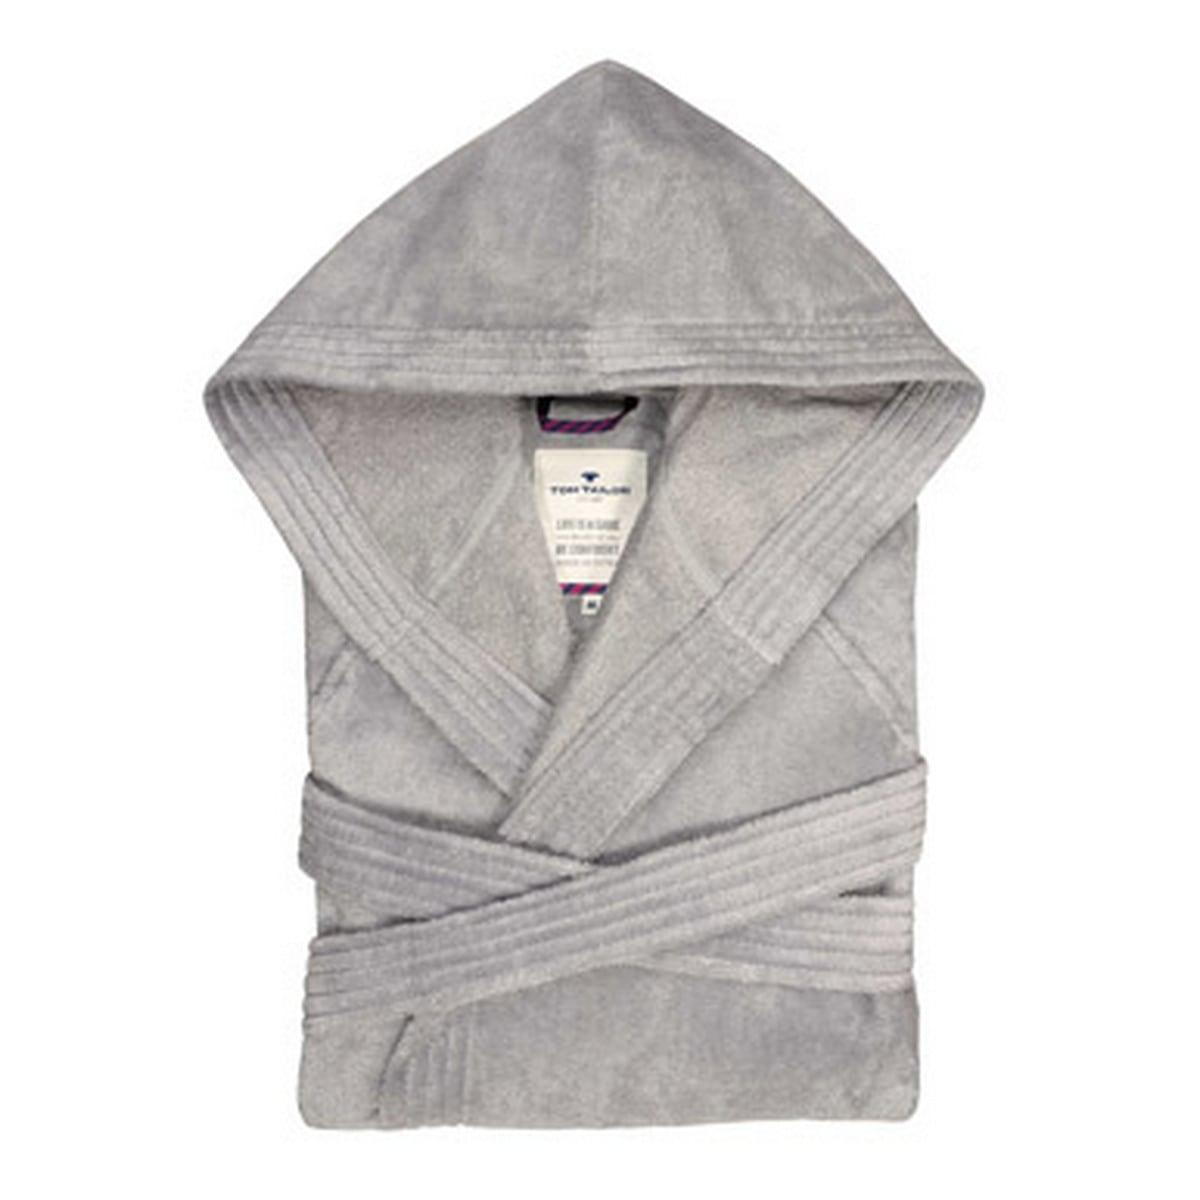 Μπουρνούζι 110 401 901 Silver Tom Tailor XX-Large XXL